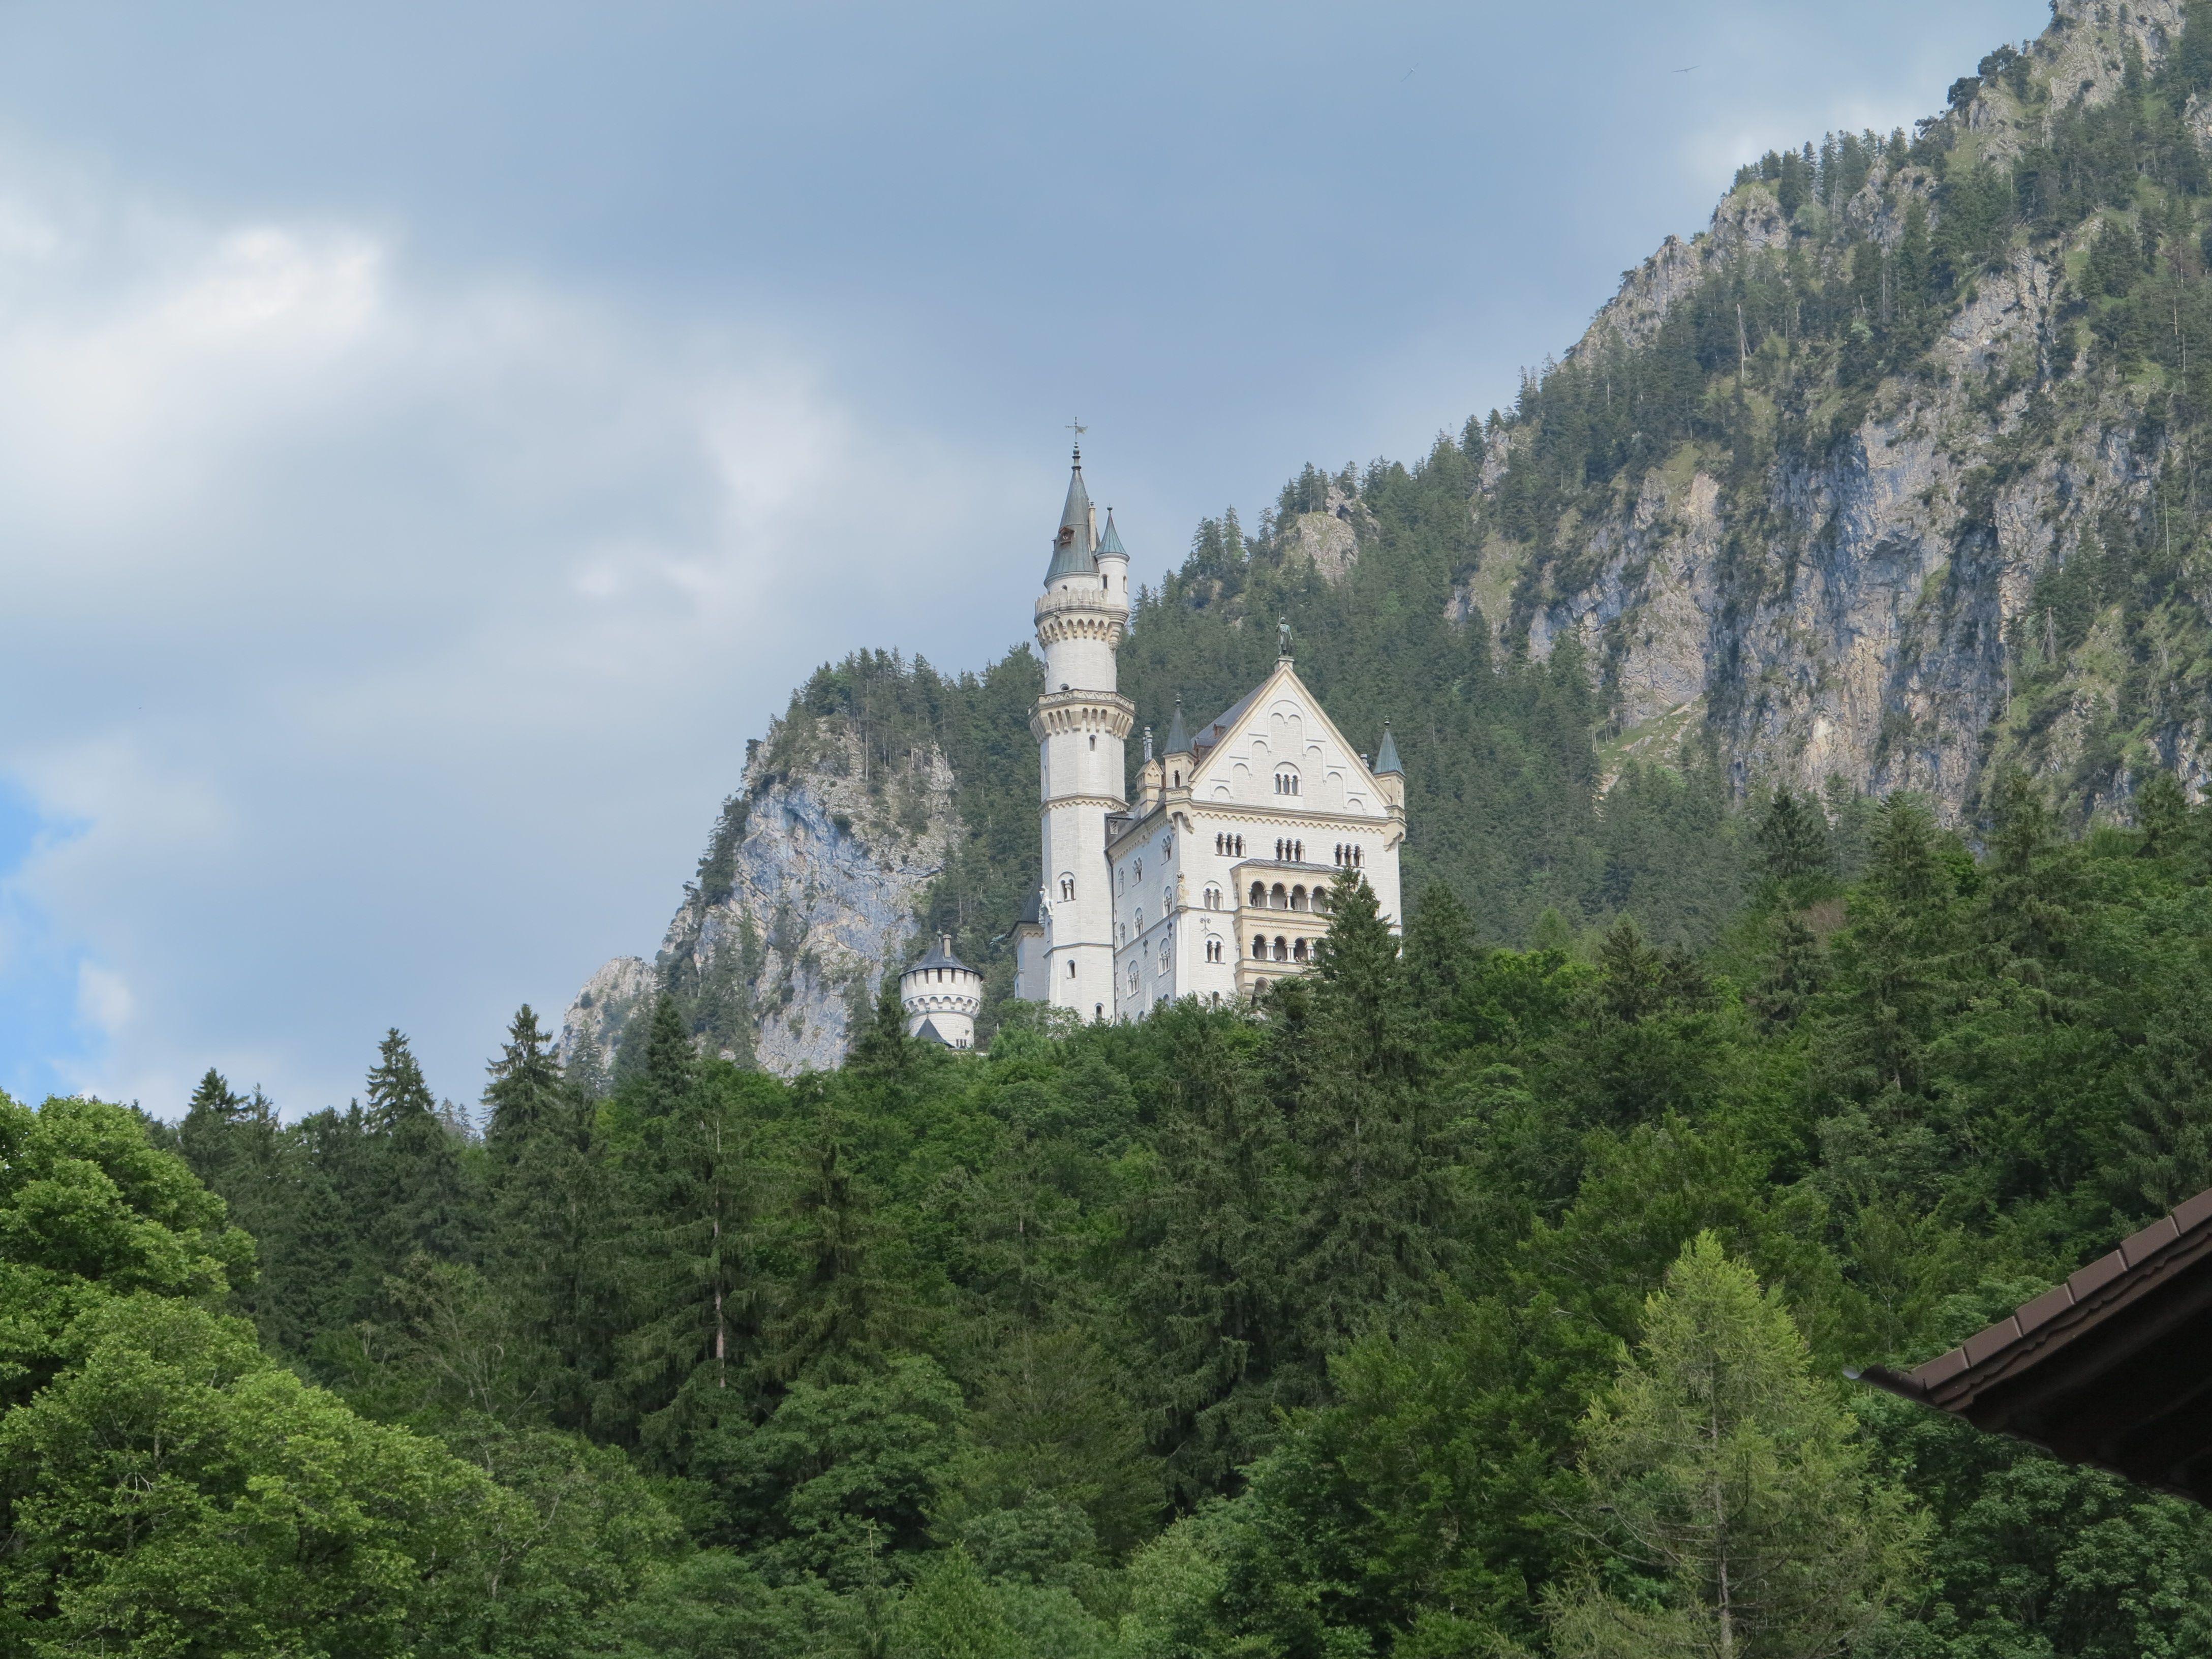 Schloss Neuschwanstein In Wunderschoner Weisser Pracht Hoch Oben Auf Dem Hugel Fur Eine Lange Touristenschlange Neuschwanstein Wunderschon Pracht